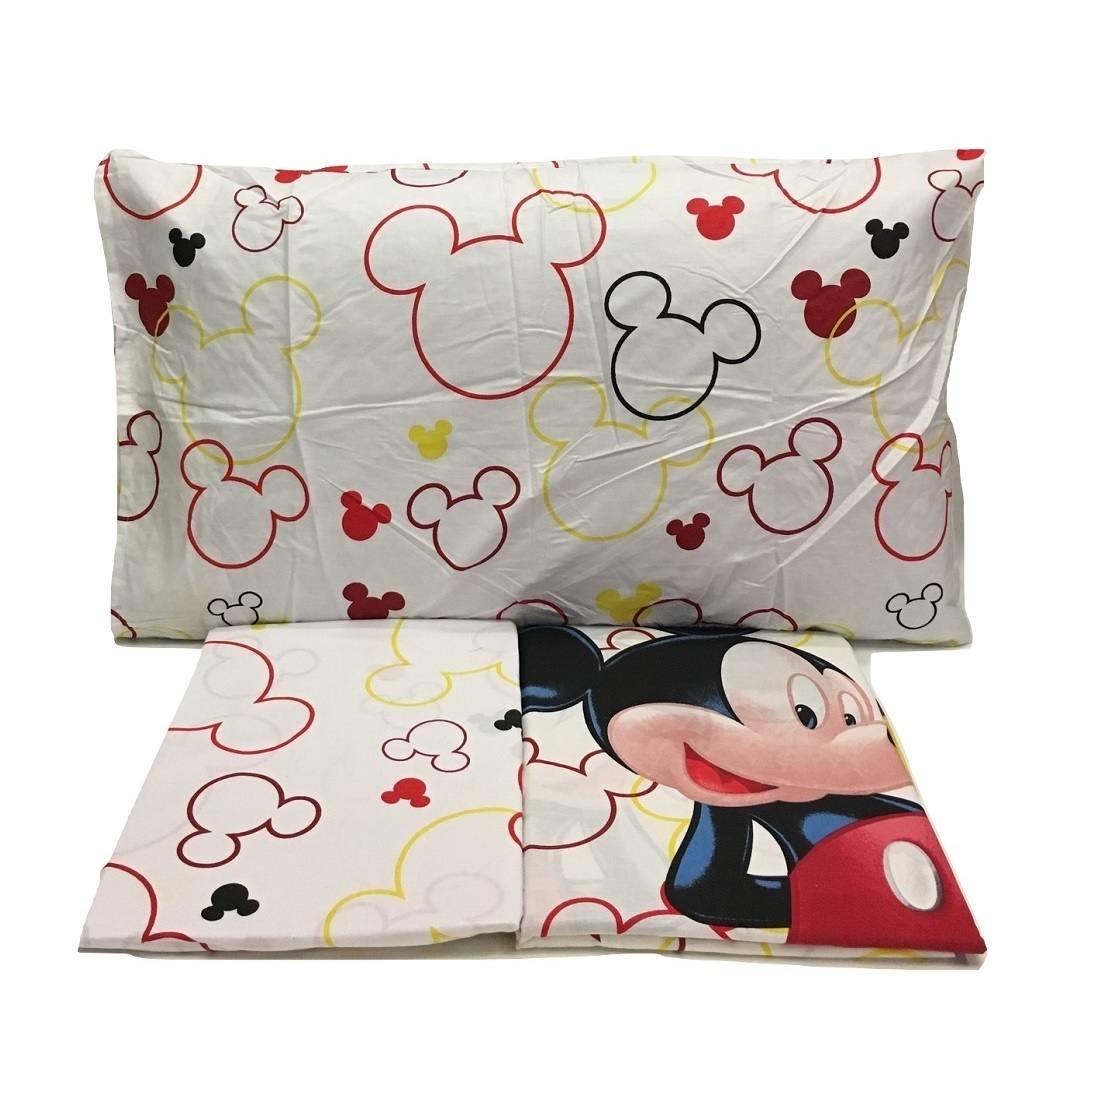 Lenzuola Matrimoniali Mickey Mouse.Lenzuola Topolino Disney Mickey Mouse Misura Singola